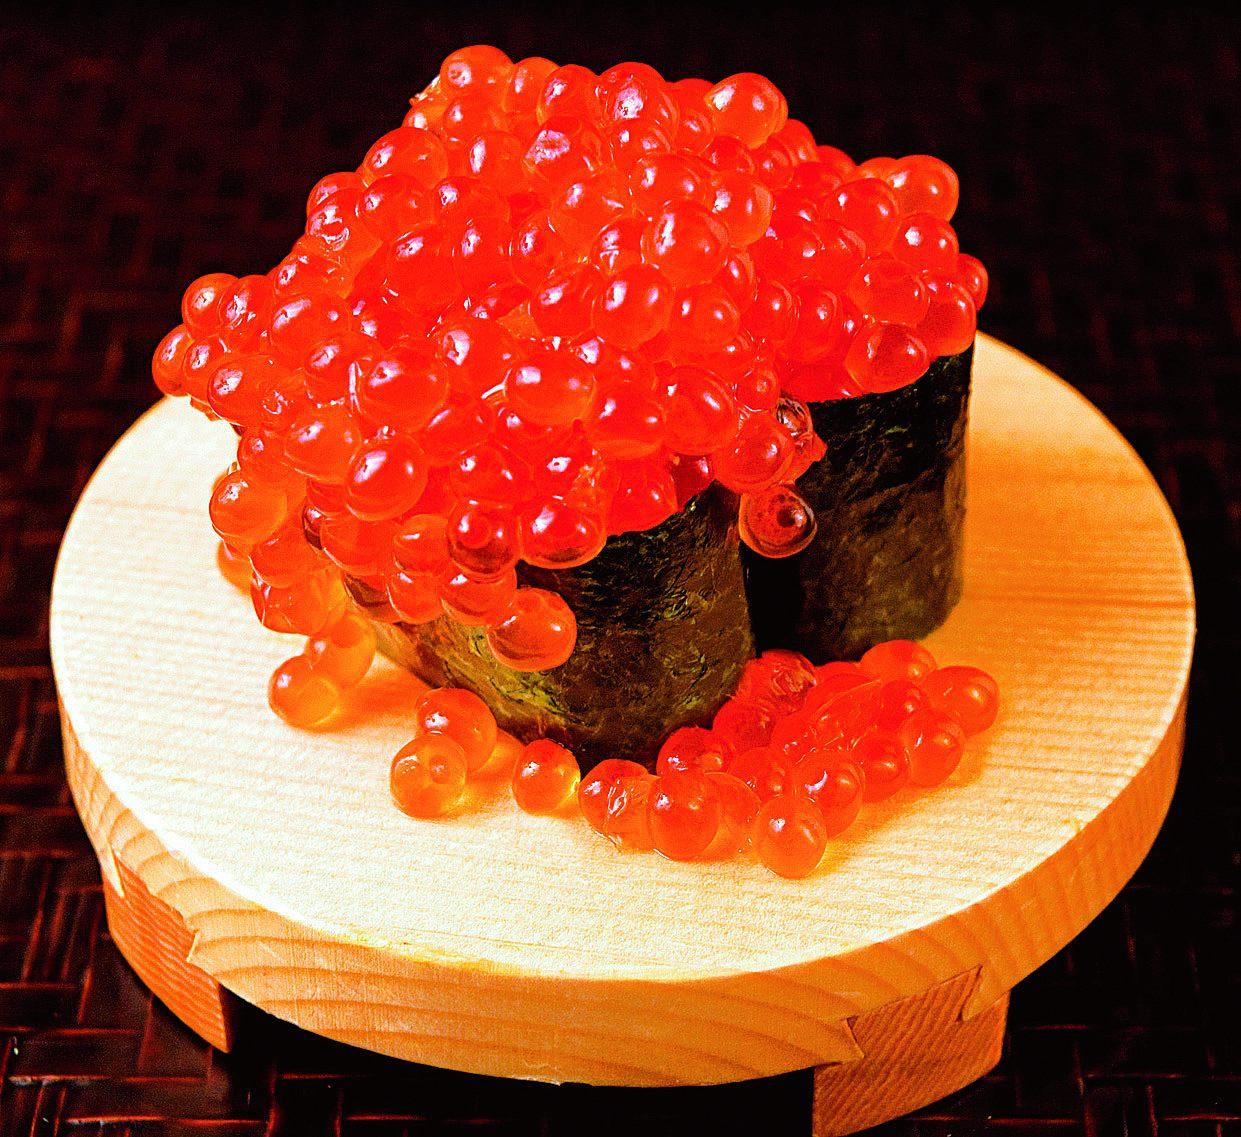 「爆漿鮭魚卵壽司」 590日圓